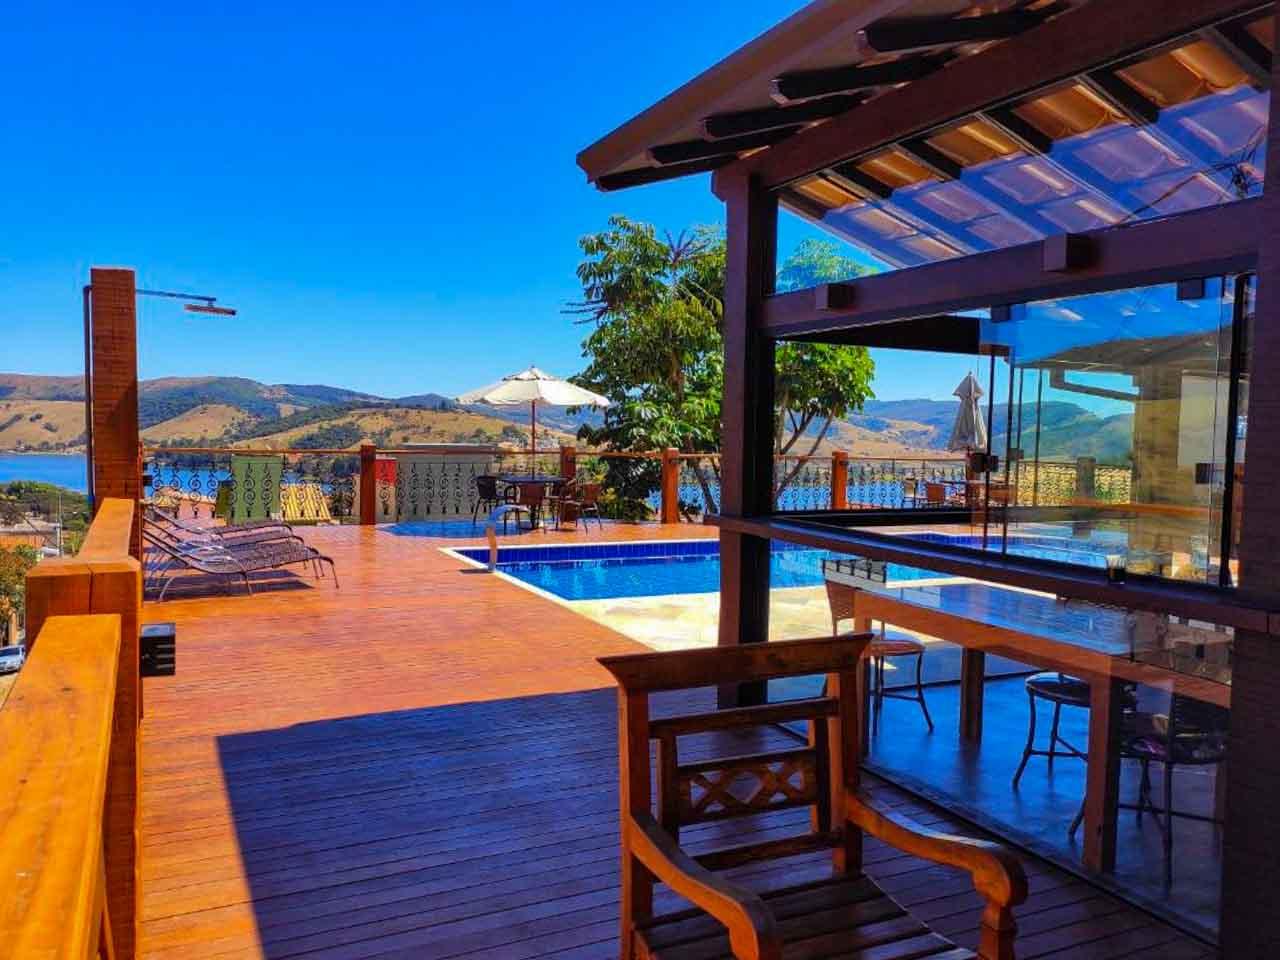 Piscina da pousada Buena Vista, uma ótima opção de onde ficar em Capitólio.